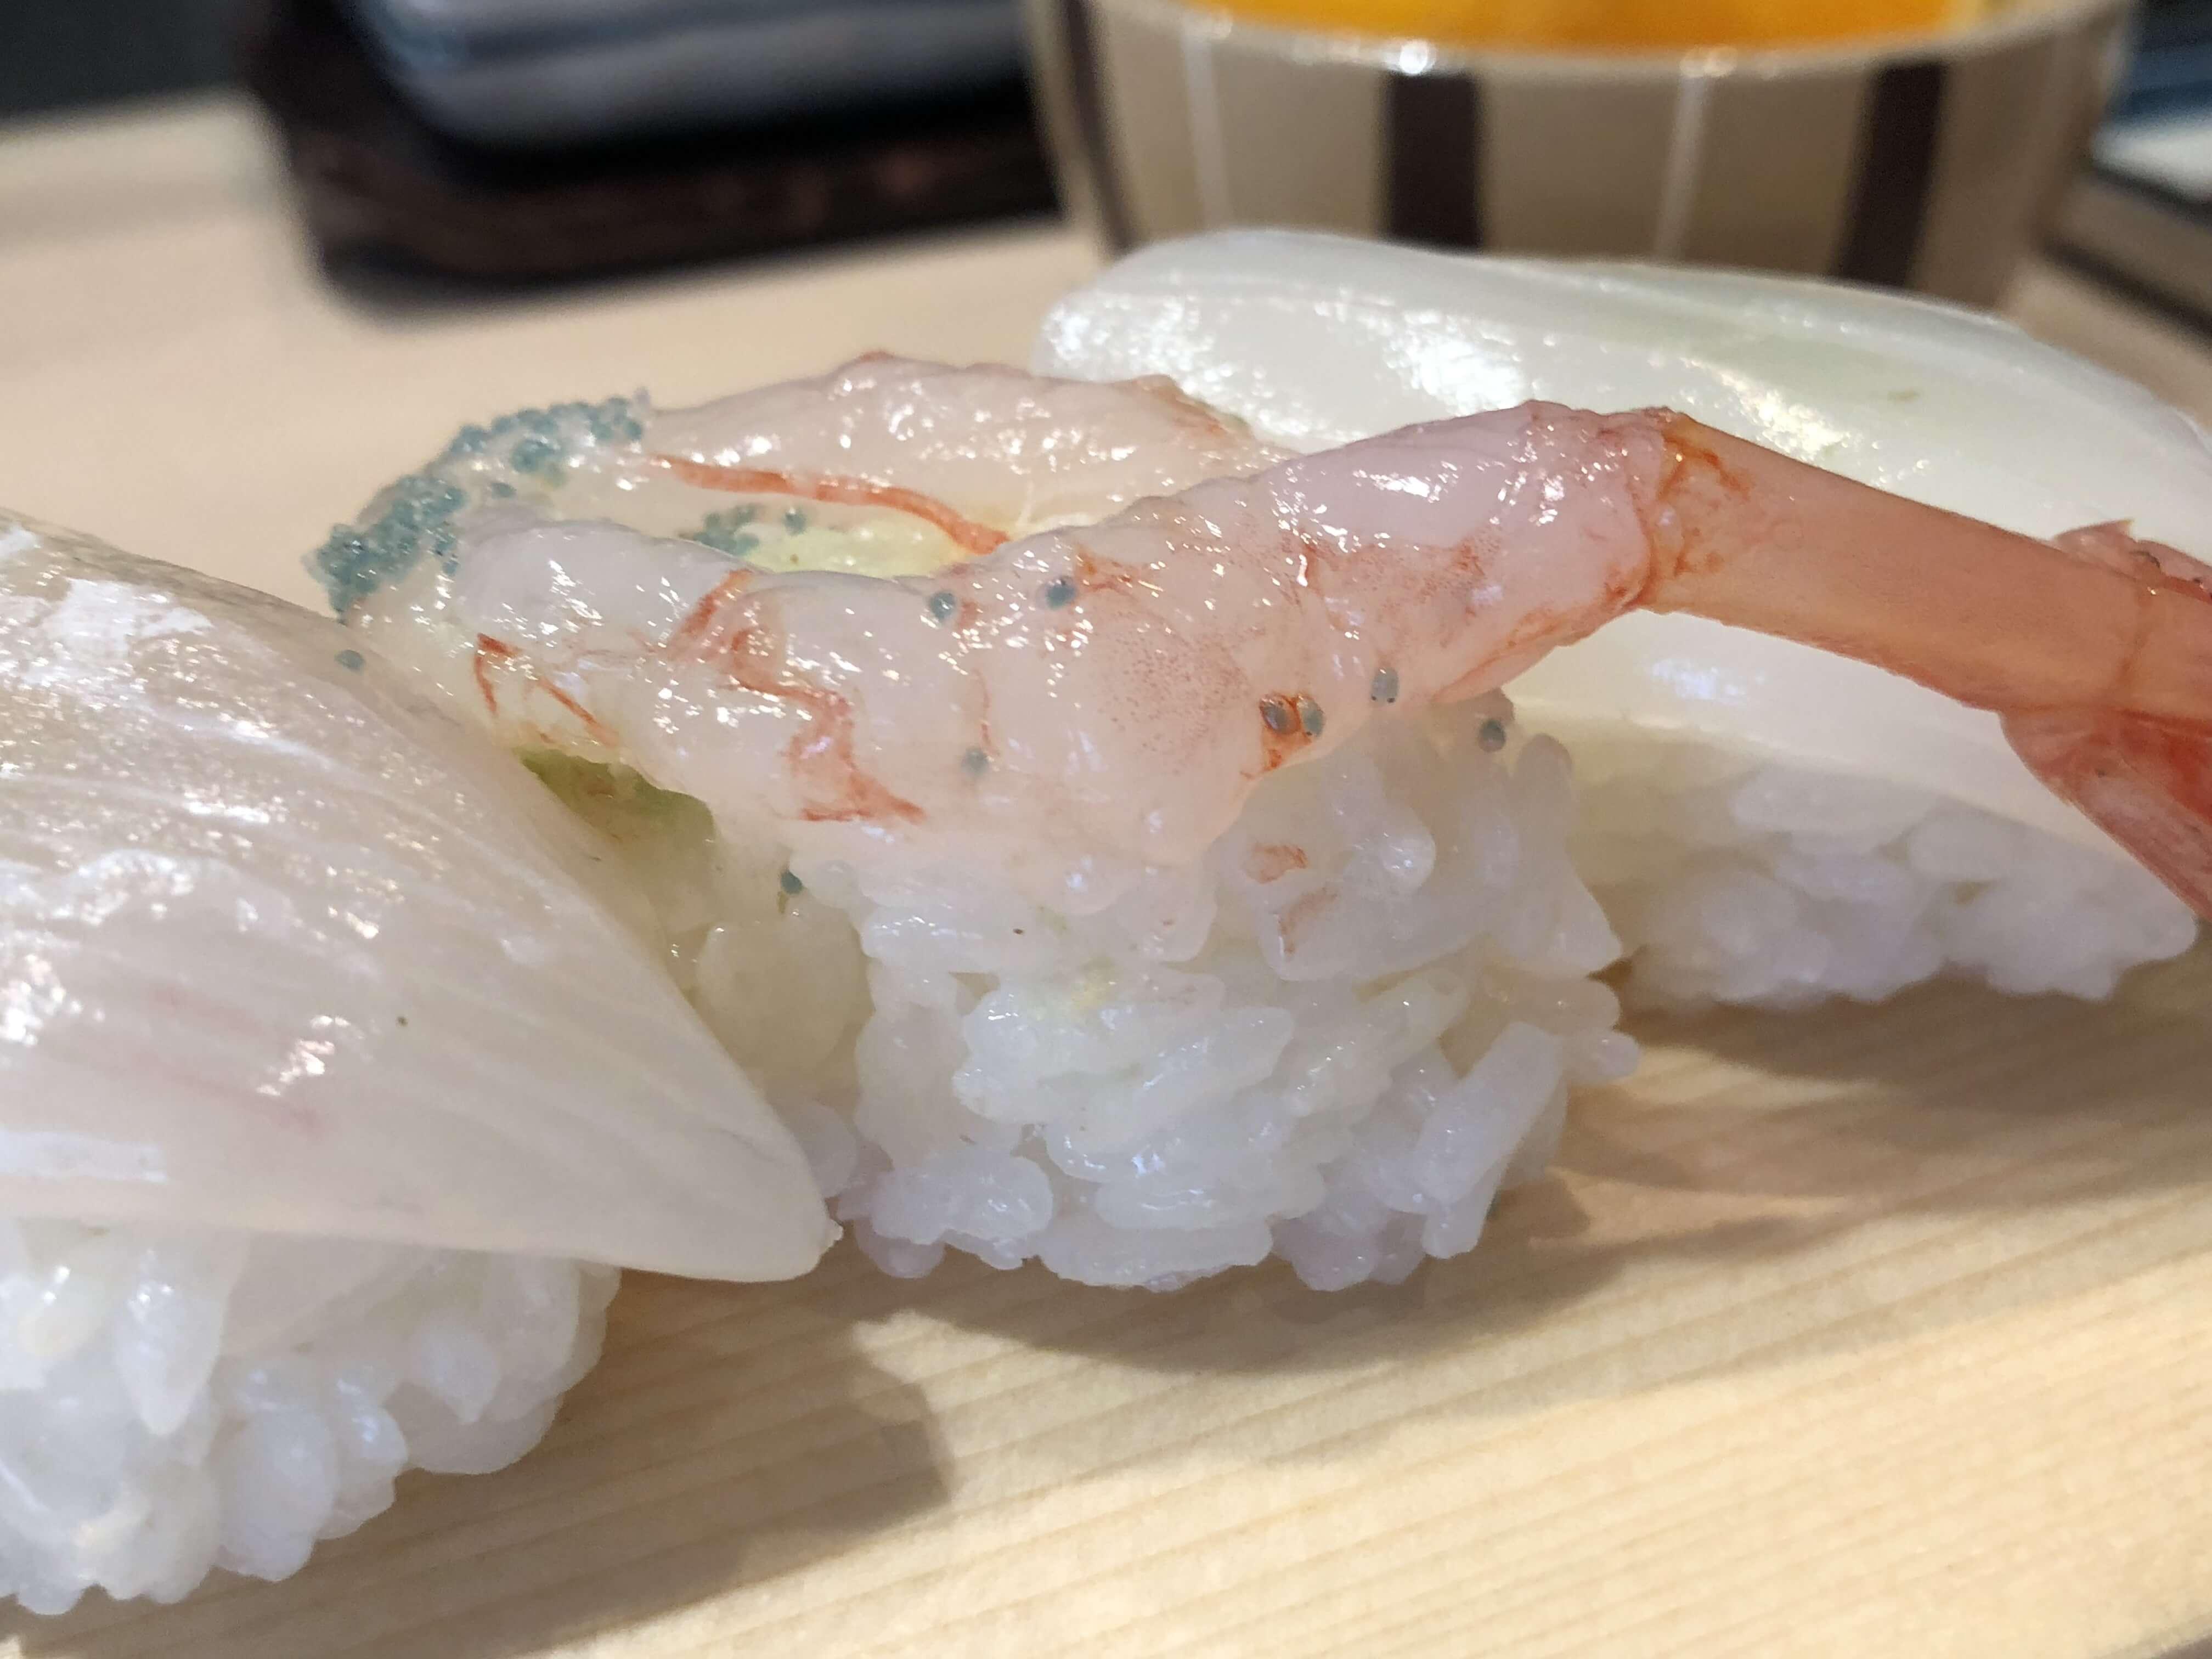 『 かっちゃん寿司 』でリーズナブルな寿司ランチ♪